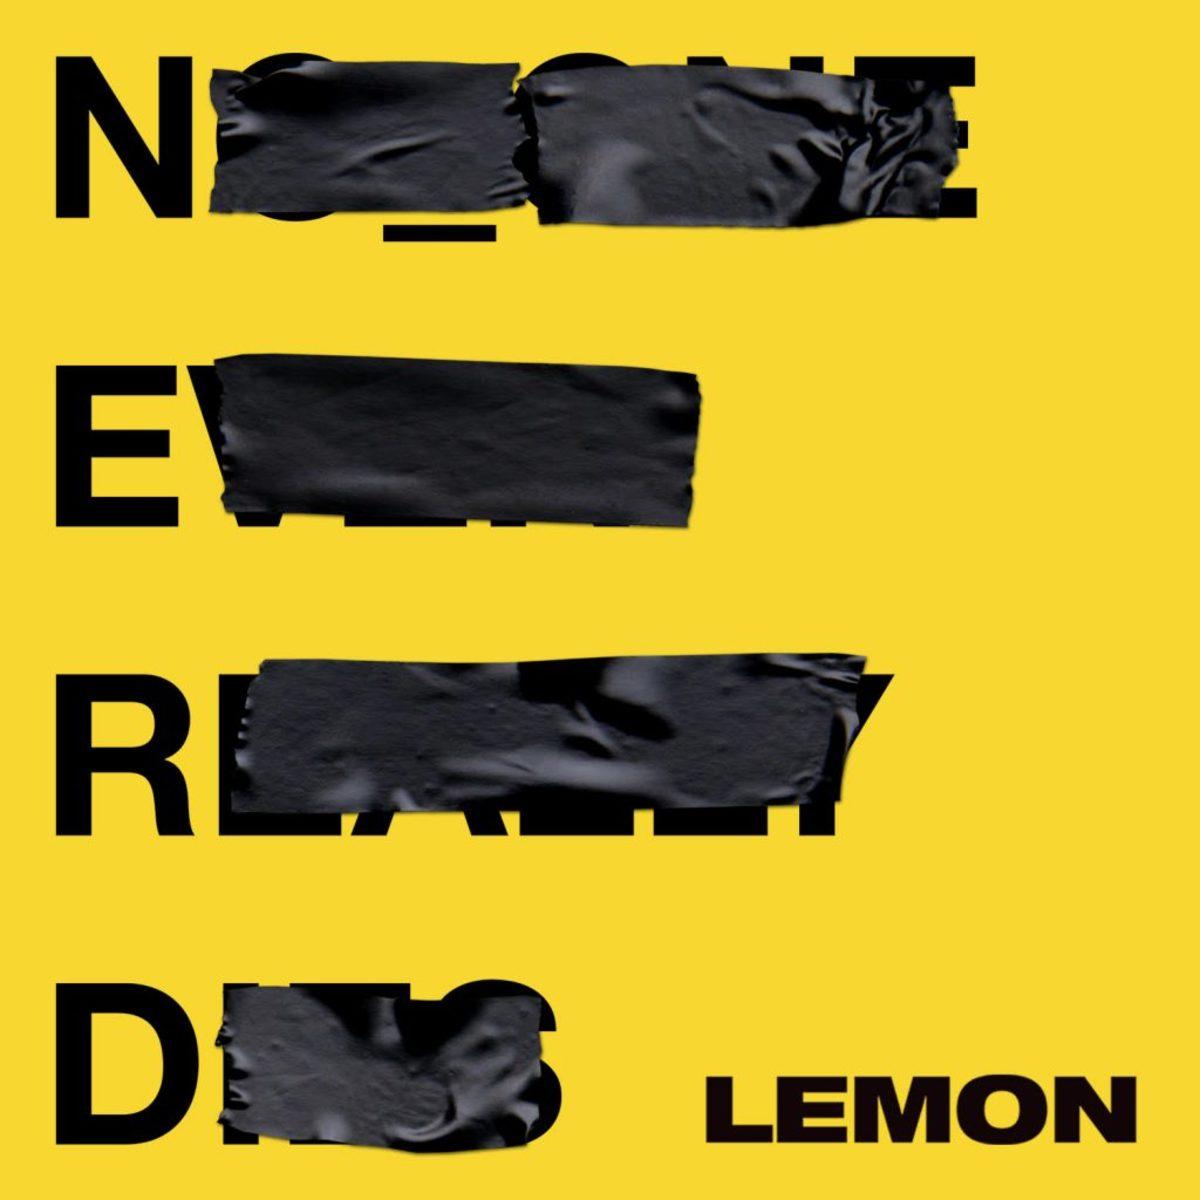 N.E.R.D. Lemon